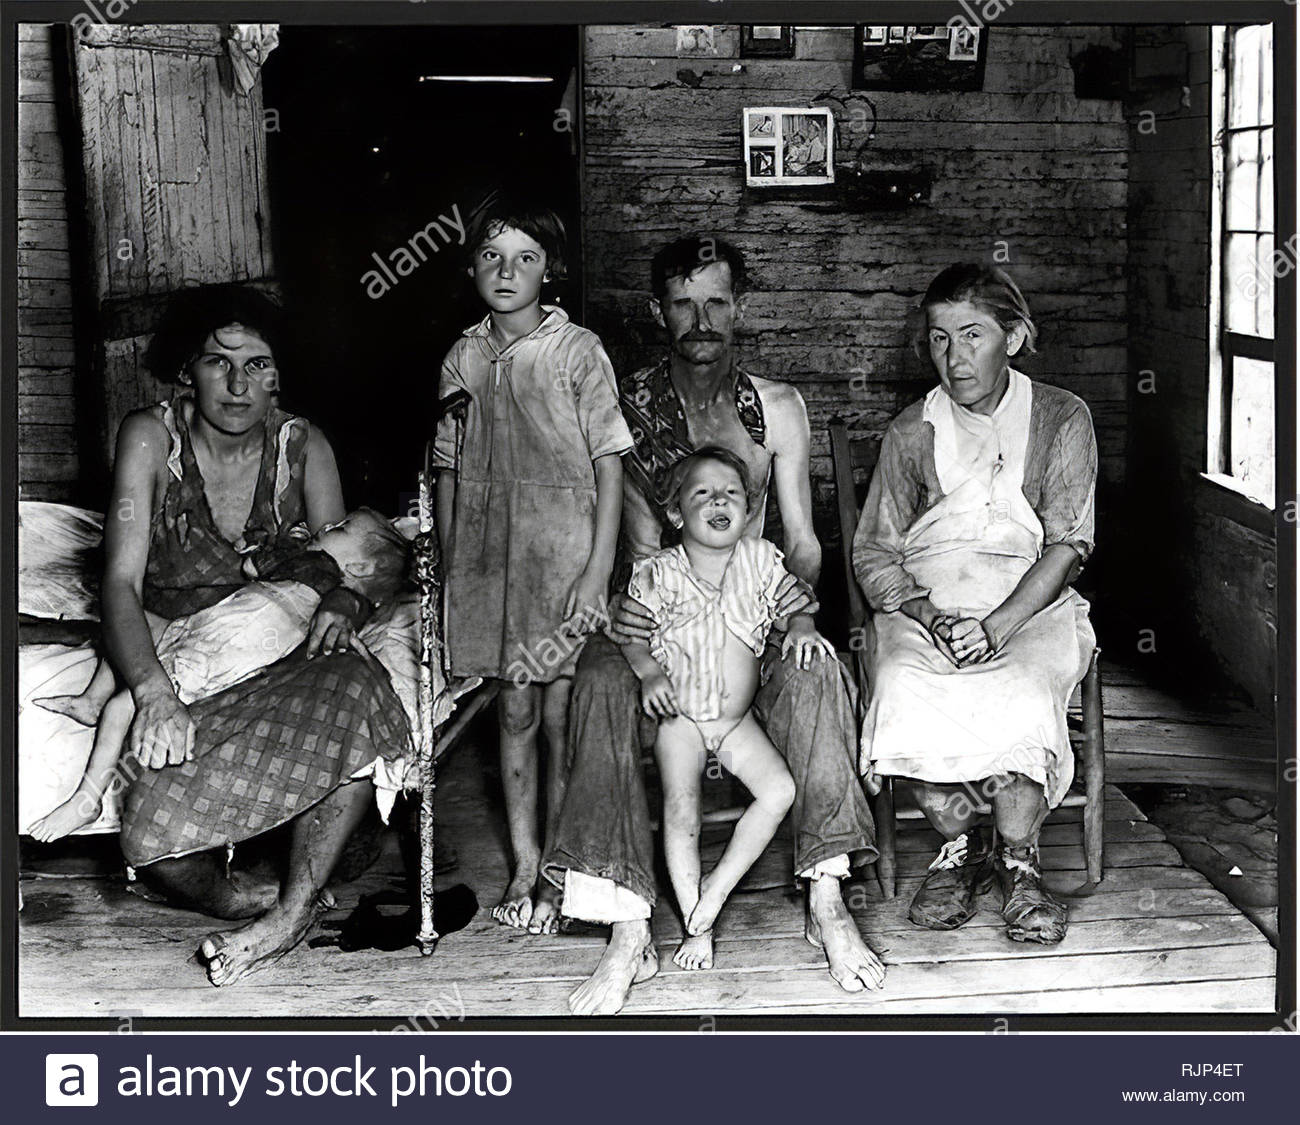 Grande depressione - Bud i campi e la sua famiglia. In Alabama. 1935 o 1936. Fotografo: Walker Evans. Immagini Stock